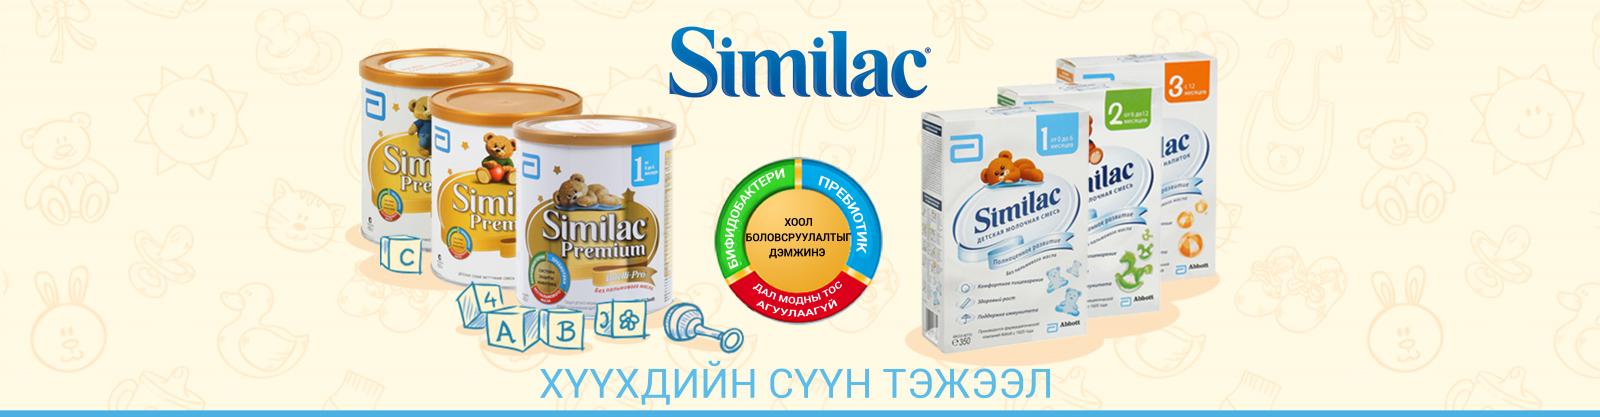 Хүүхдийн сүүн тэжээл Similac брэндийн албан ёсны дистрибютер боллоо